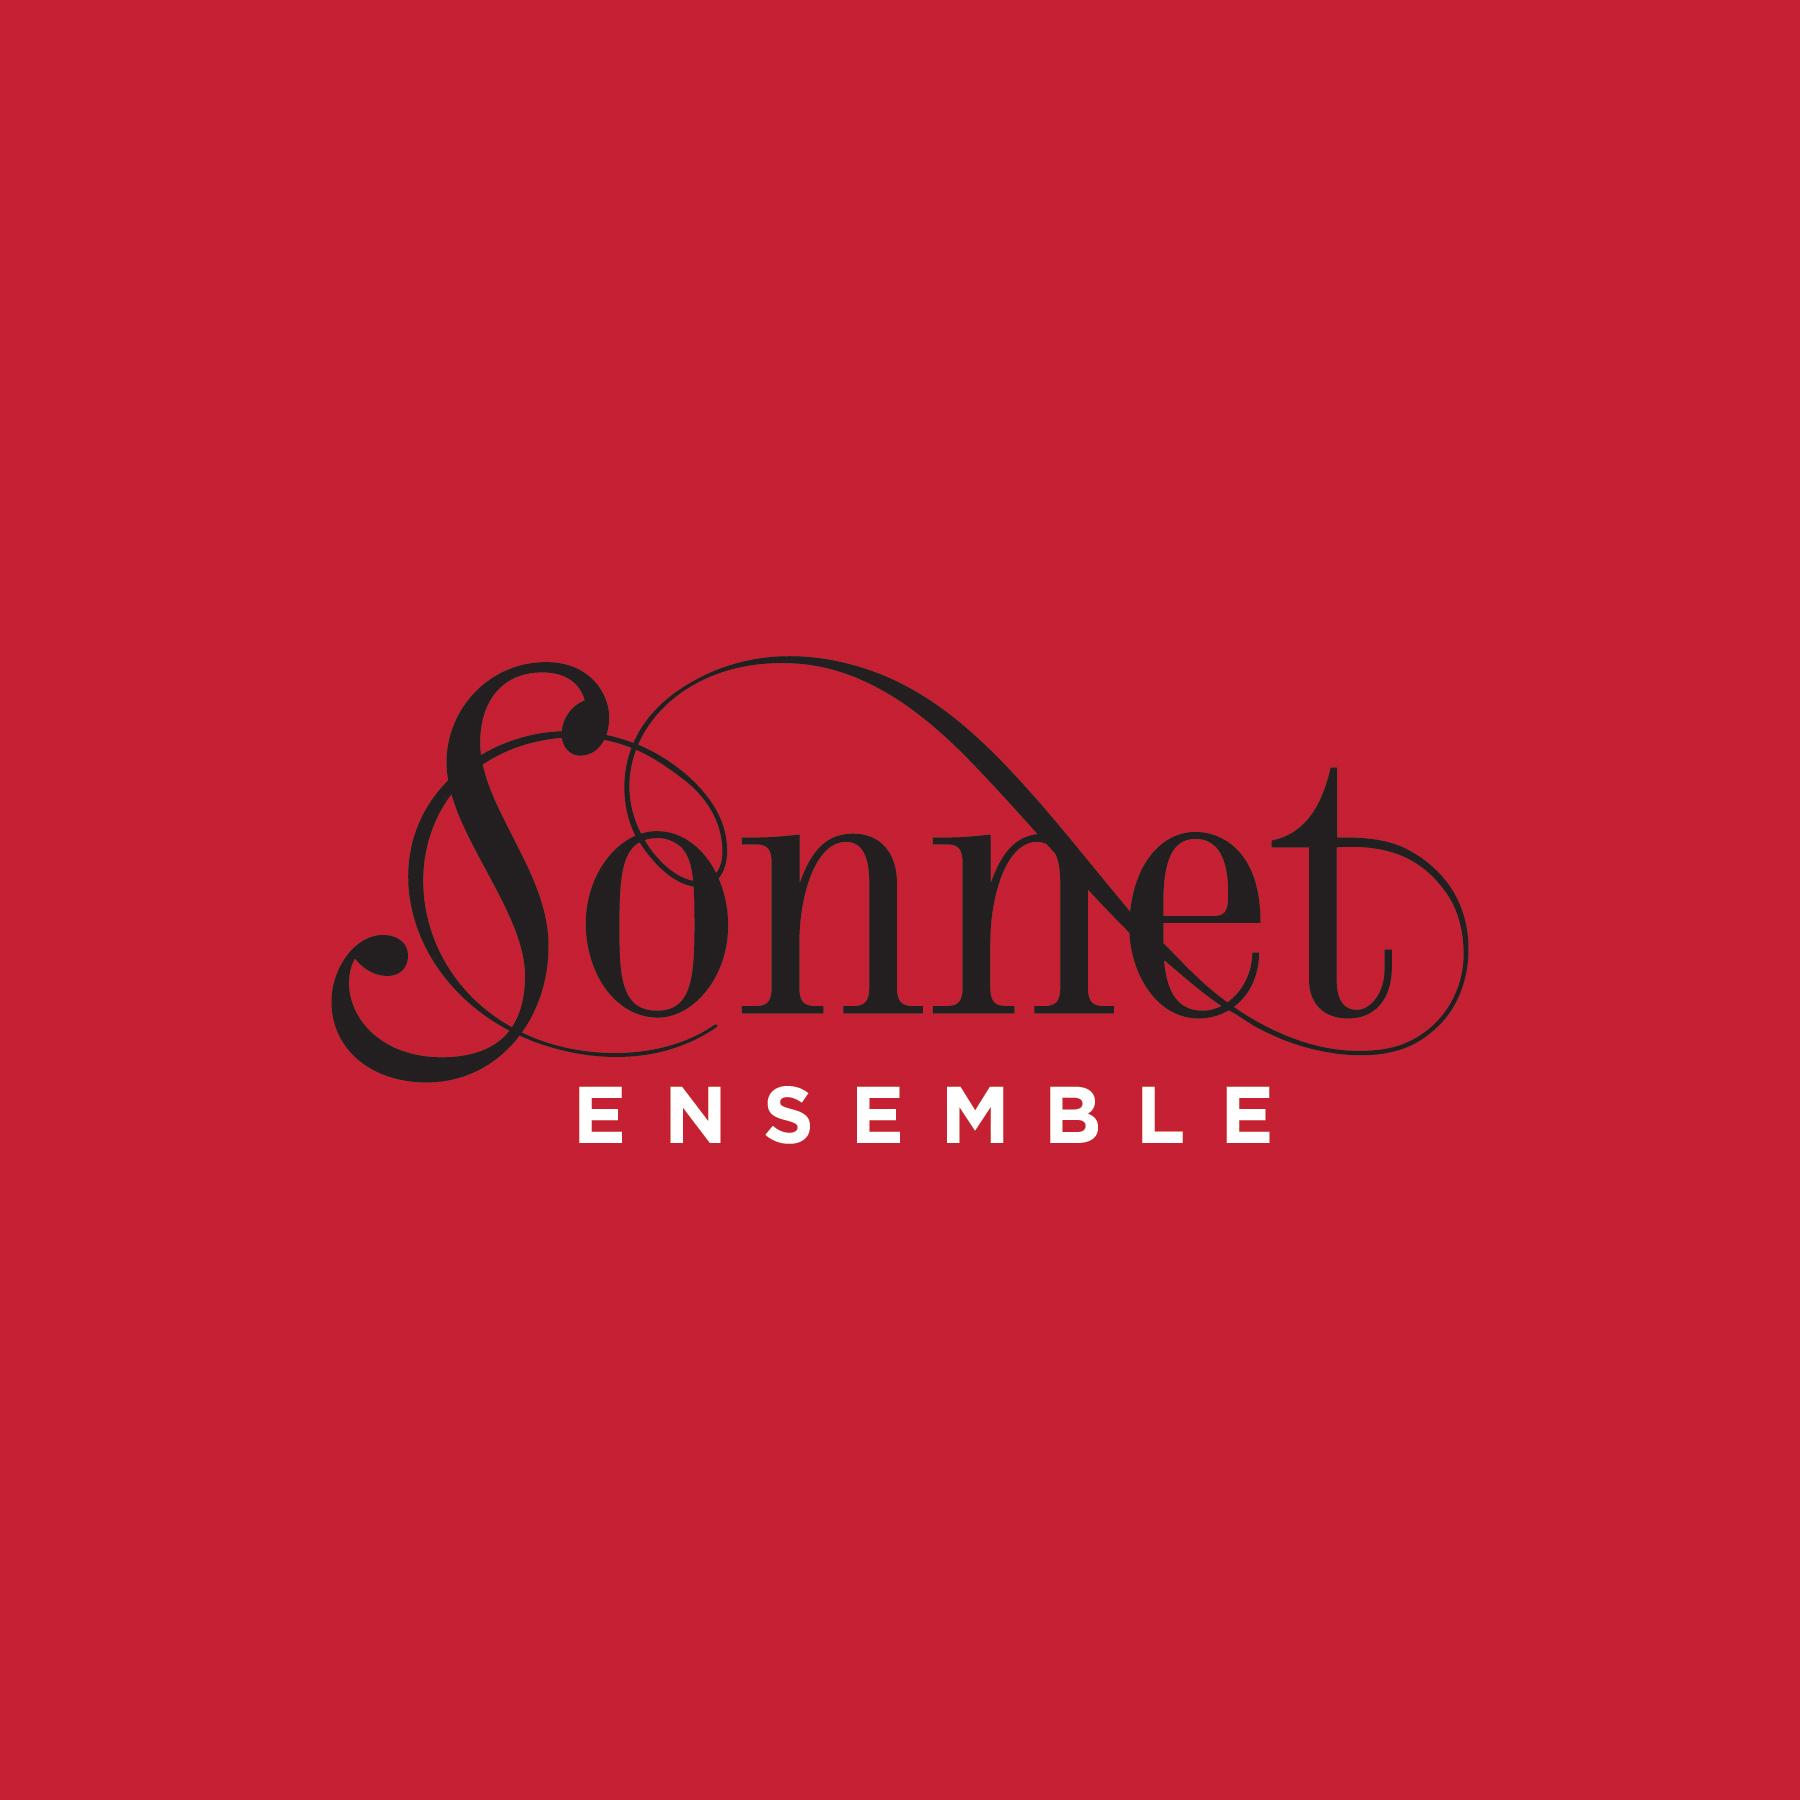 Sonnet_logo_red_LR.jpg